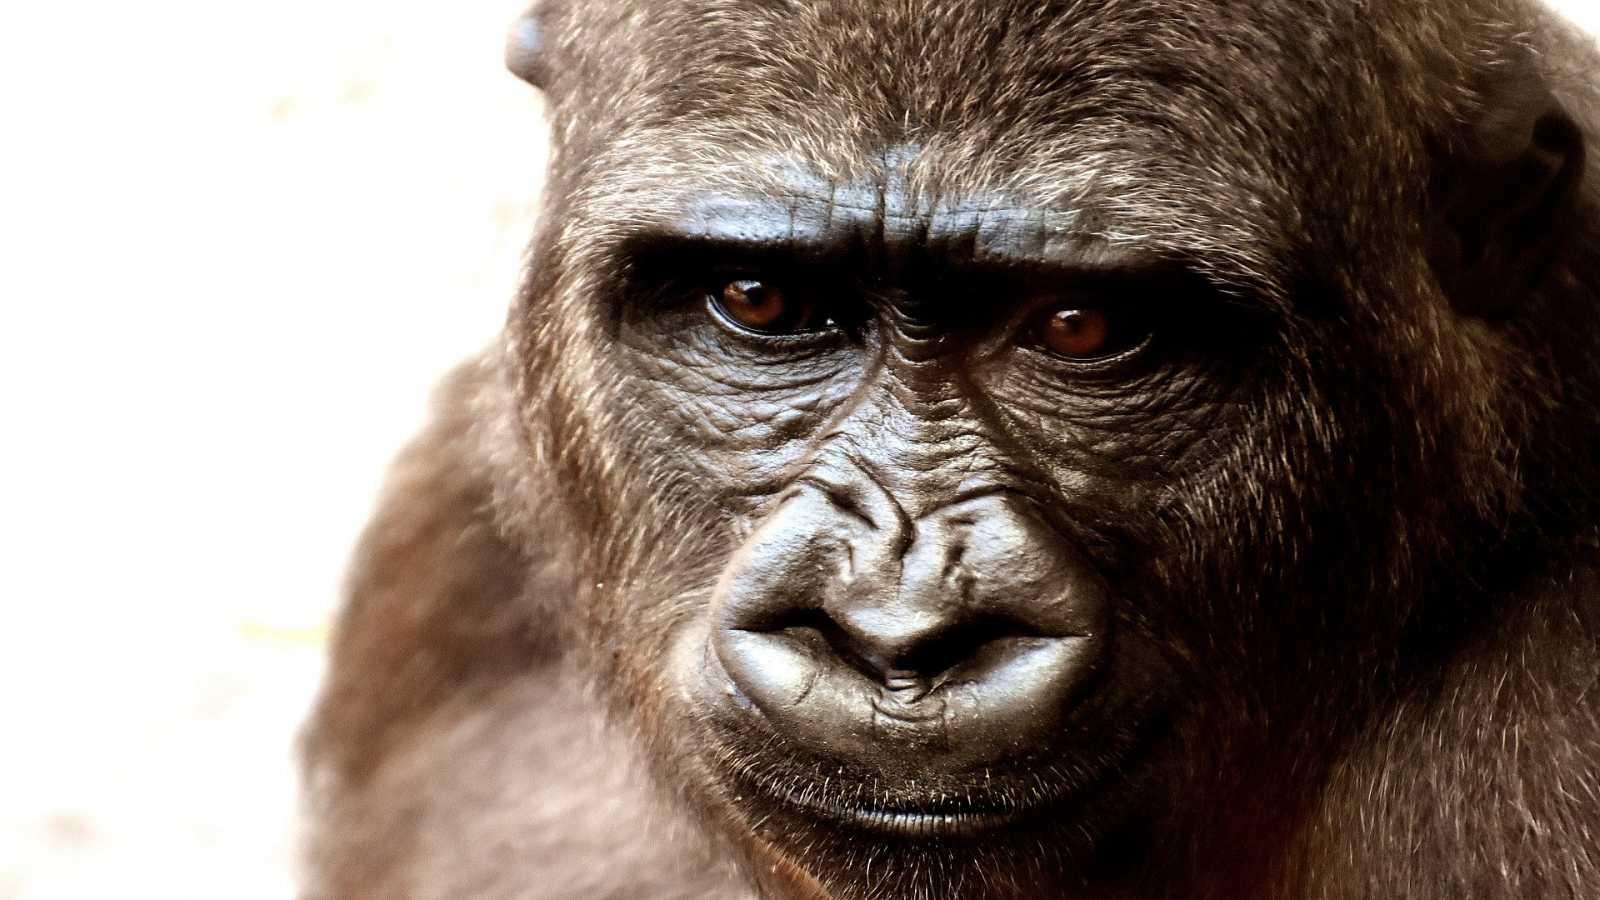 Reserva natural - Tráfico ilegal de vida salvaje - 06/05/21 - Escuchar ahora